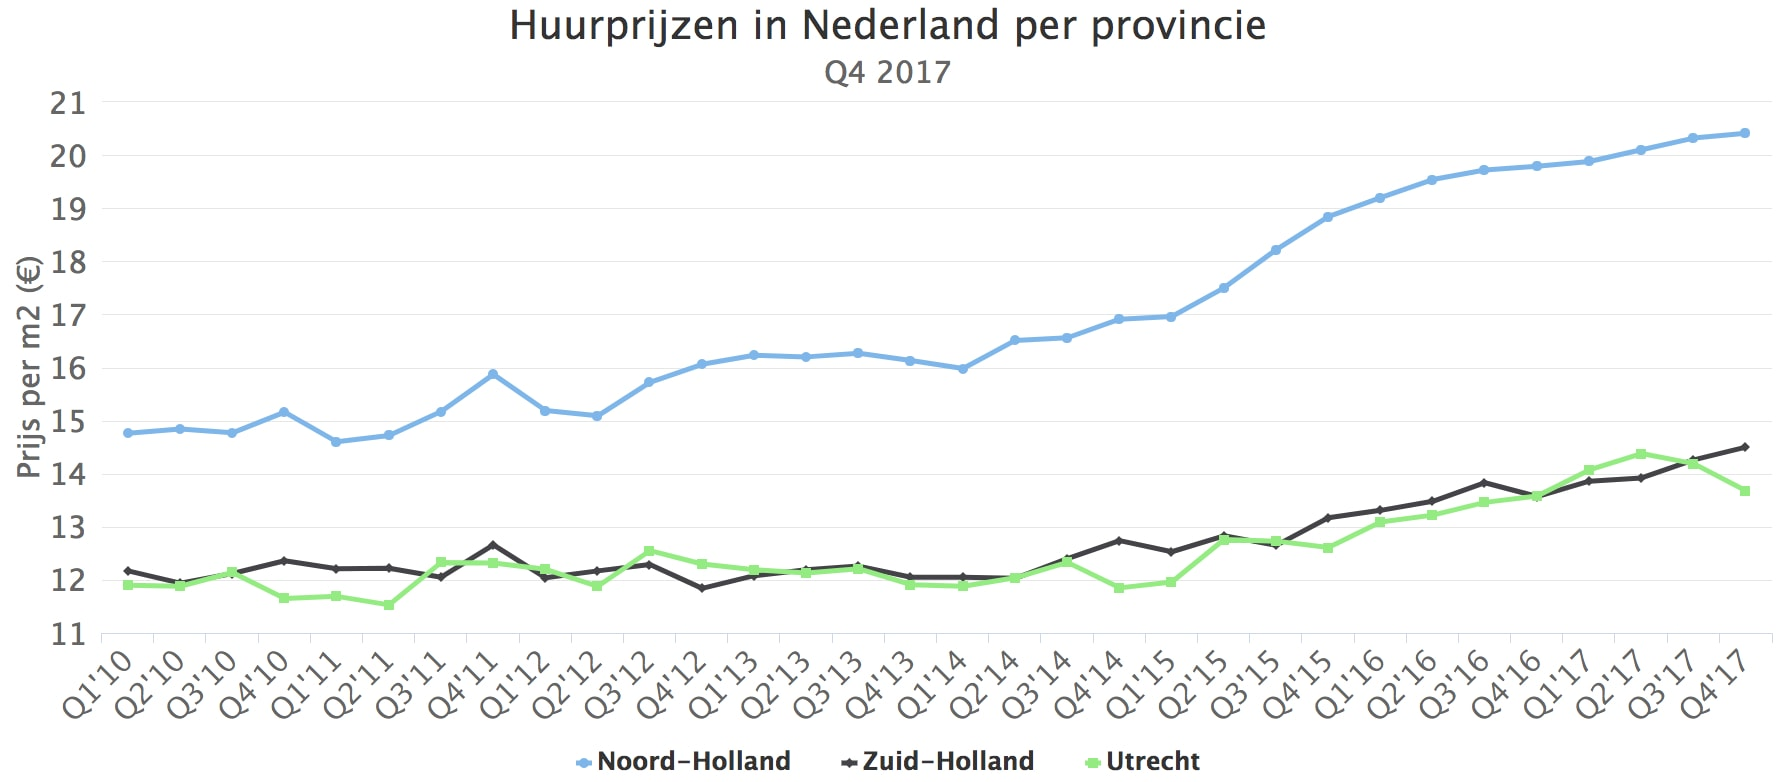 Huurprijzen In Nederland Per Provinicie